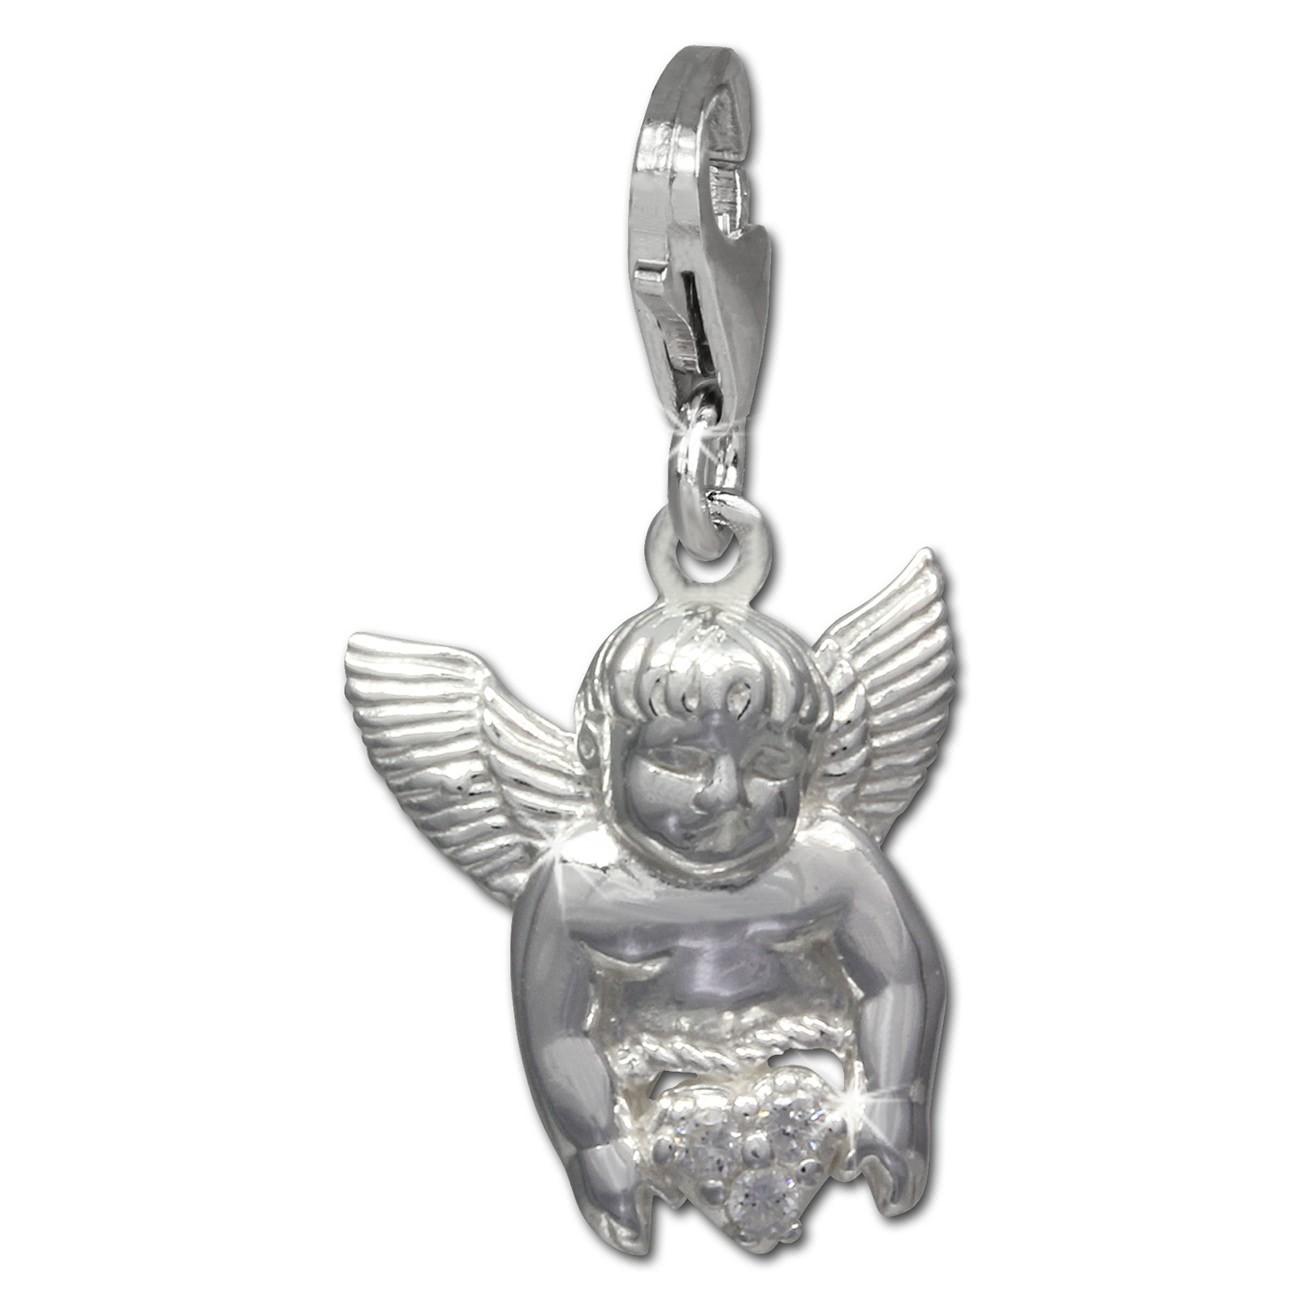 SilberDream Charm Engel mit Herz 925 Silber Armband Anhänger FC734W